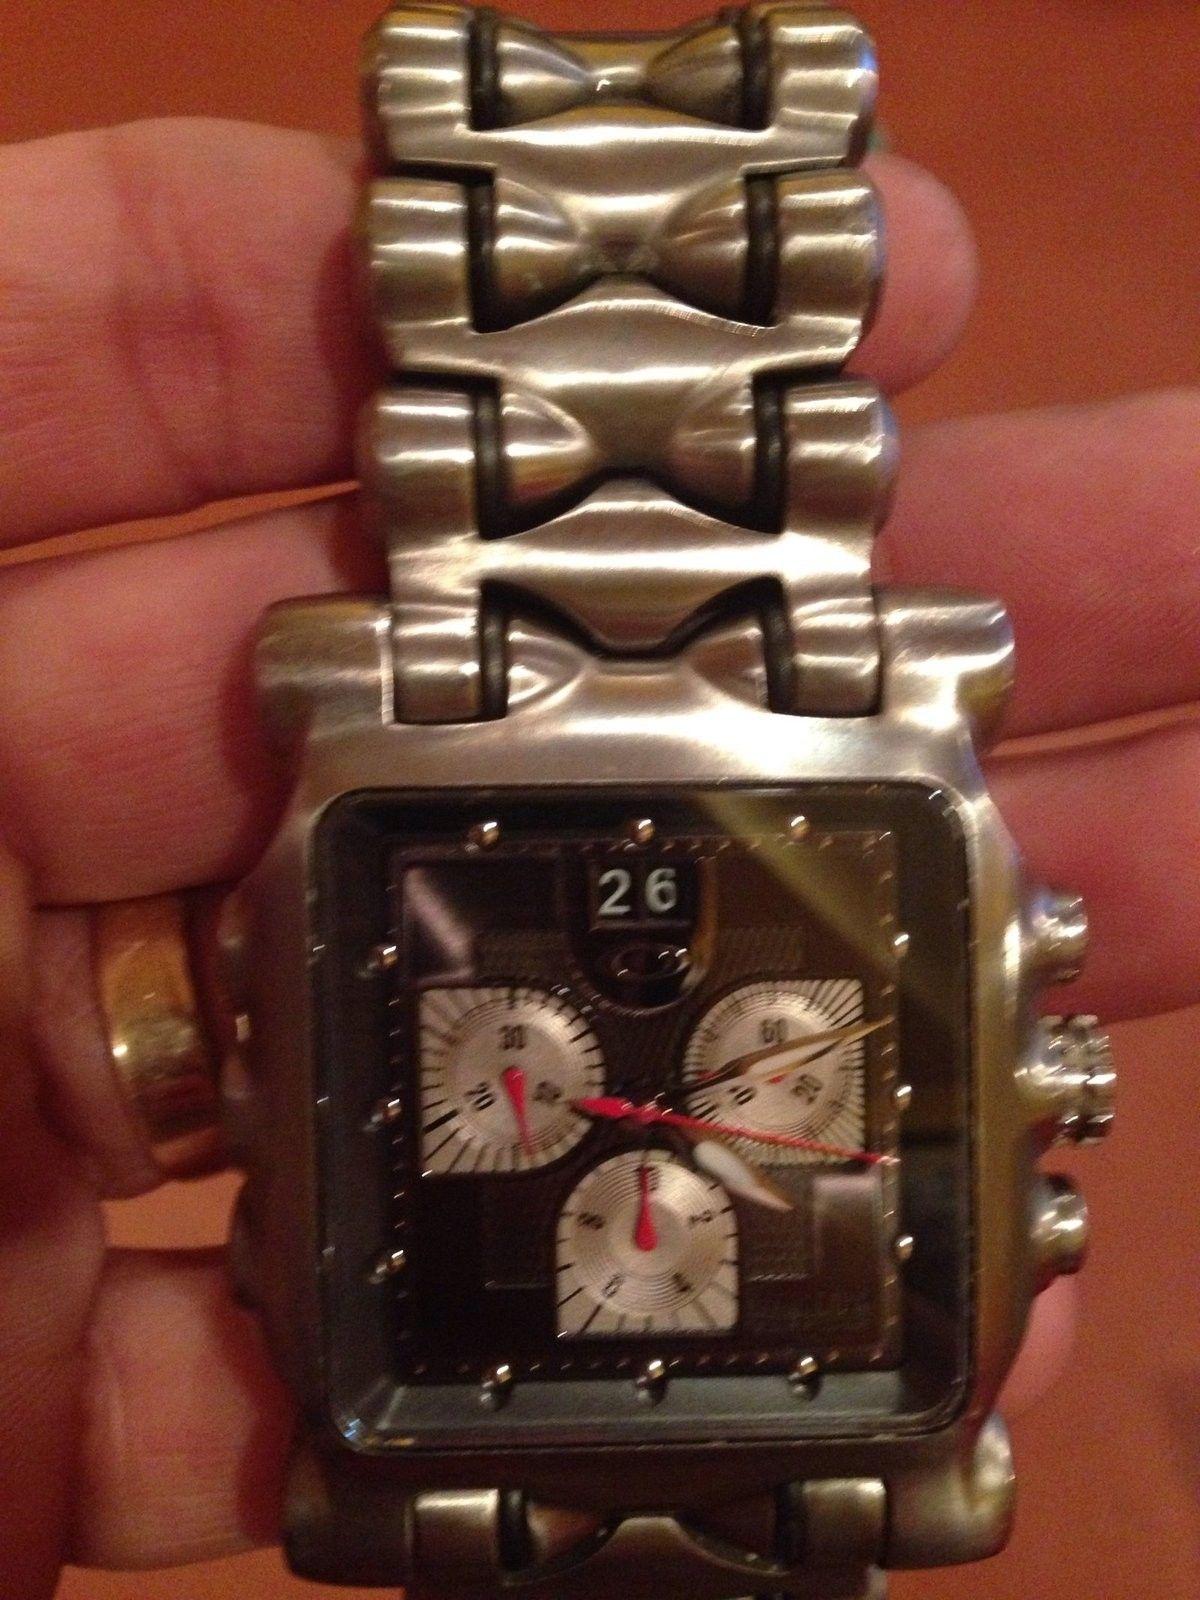 Minute machine - image.jpg